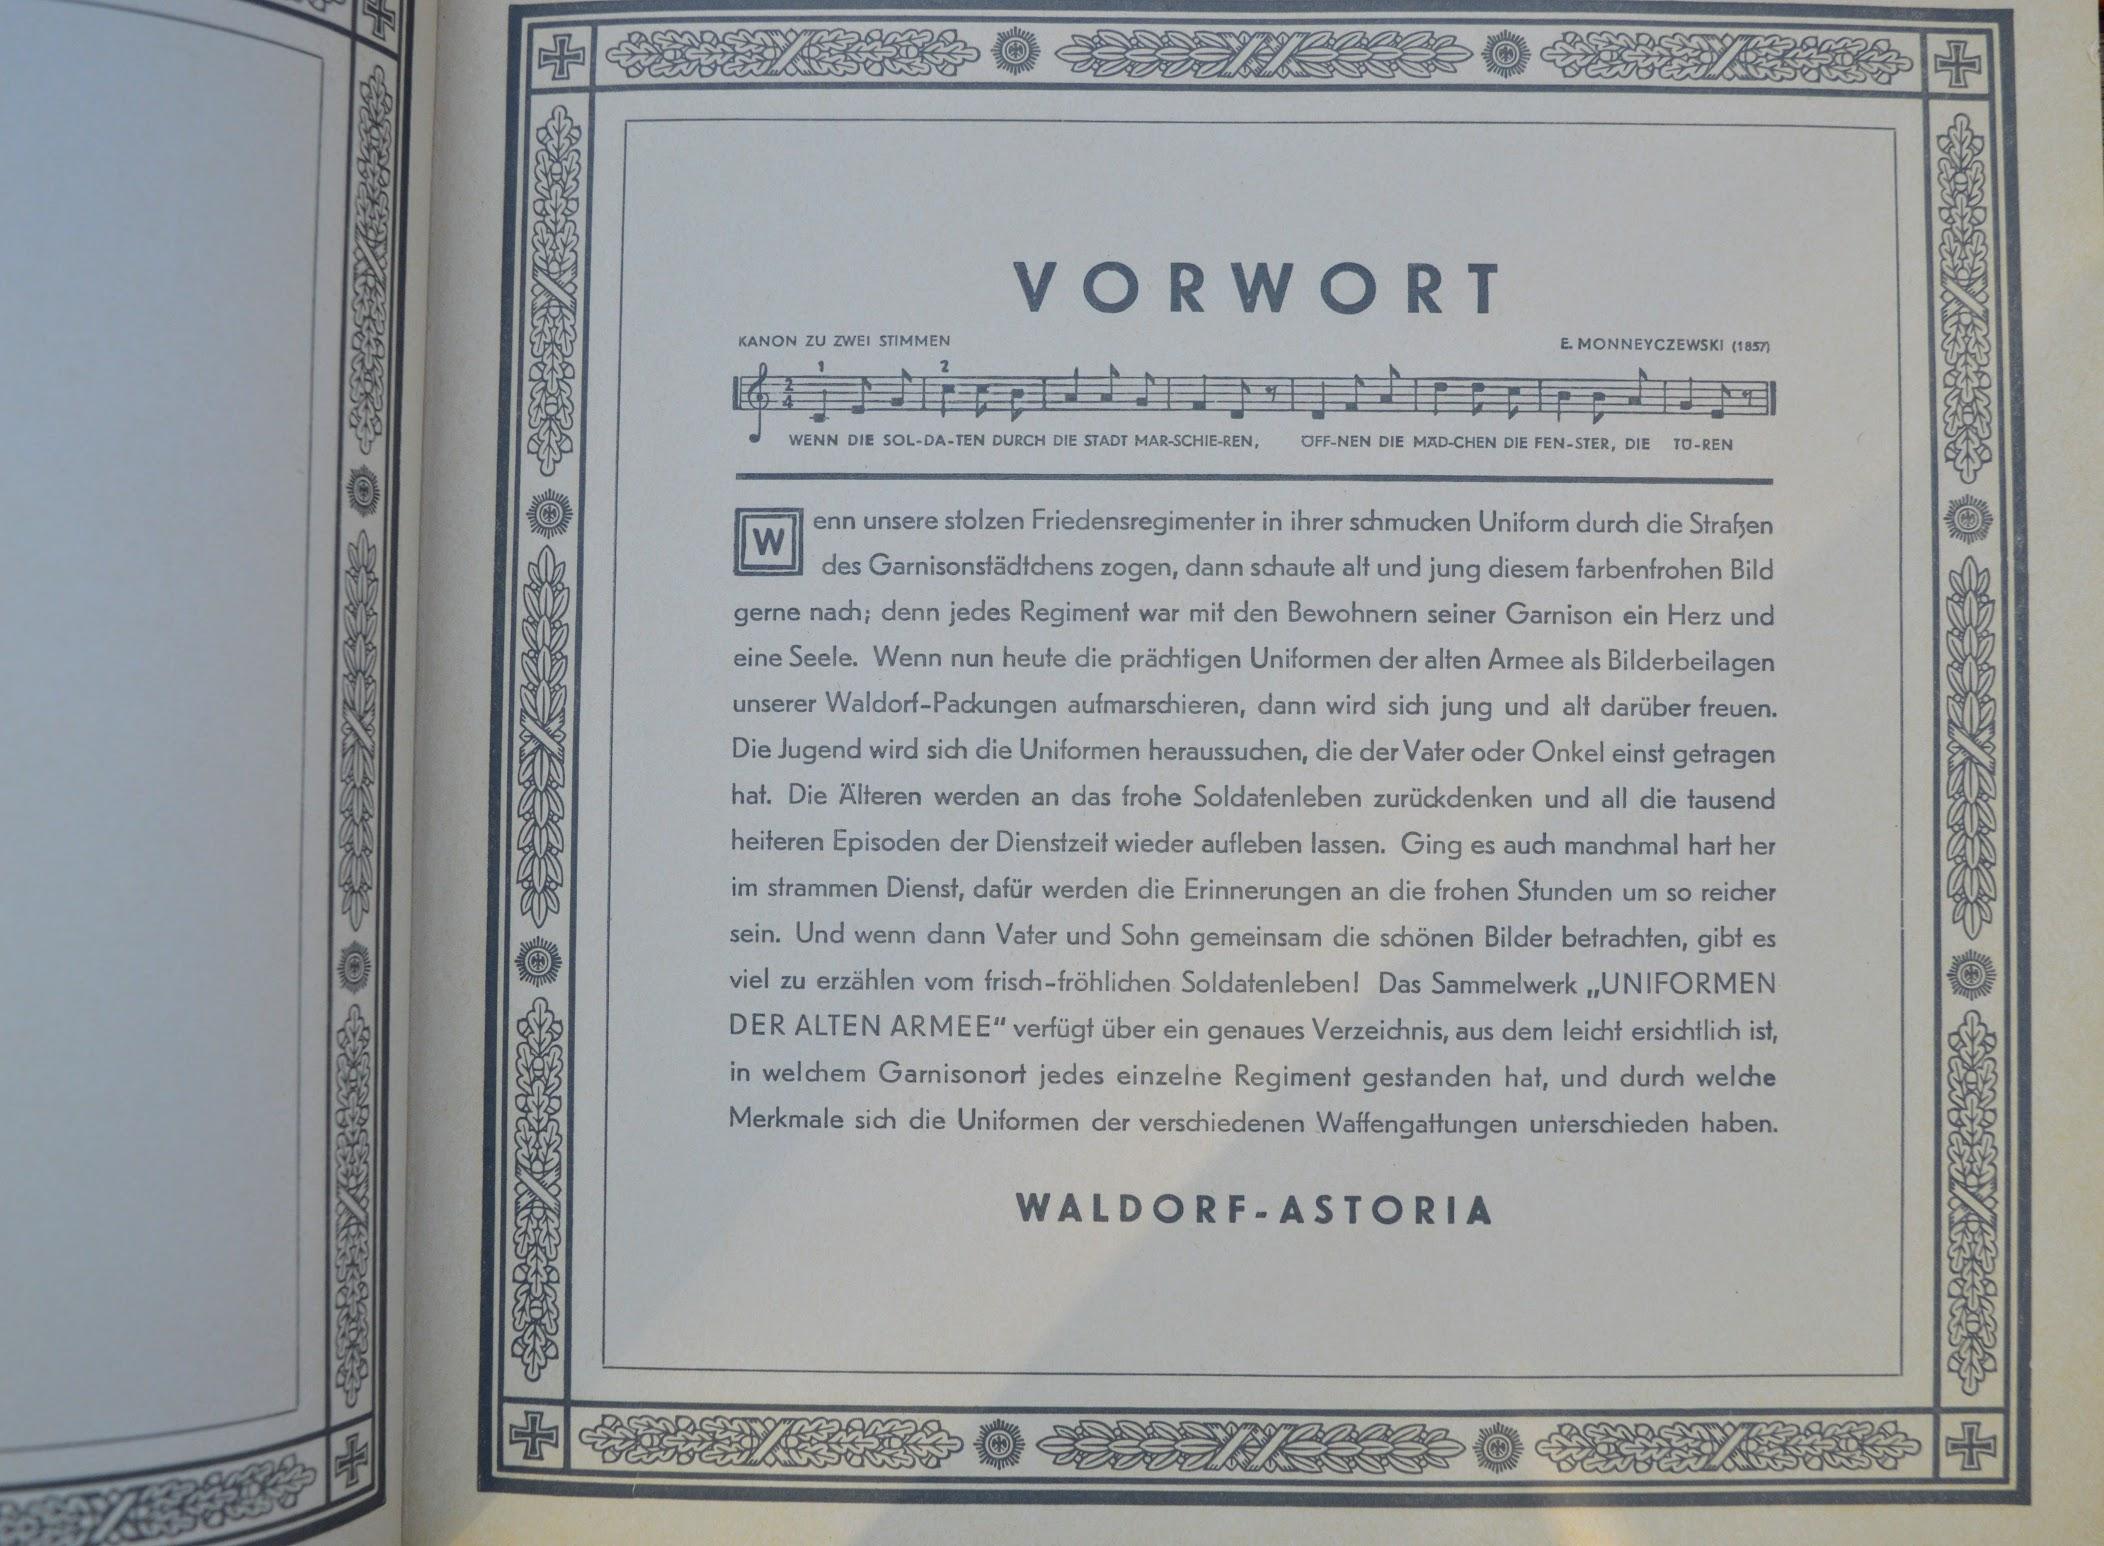 Zigarettenfabrik Waldorf-Astoria - Sammelalbum - Uniformen der alten Armee - 1932